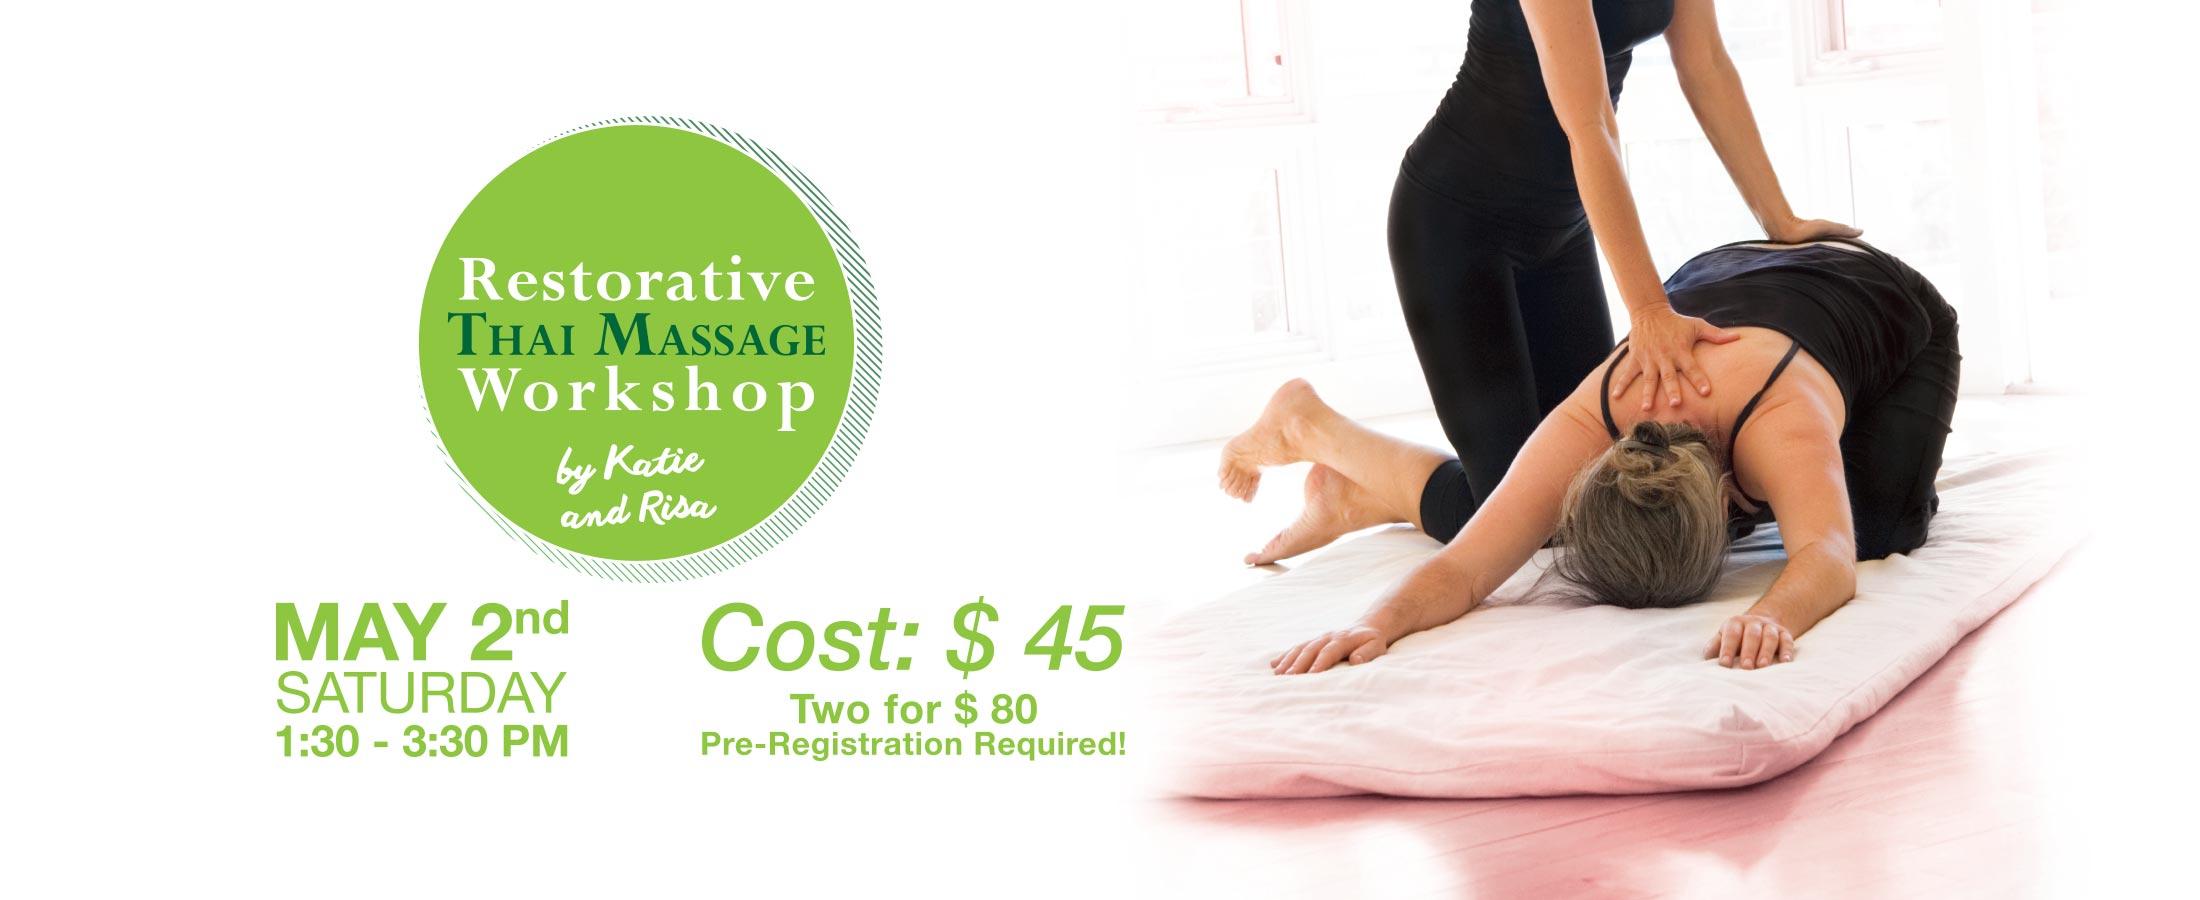 thai massage workshop hot yoga markham